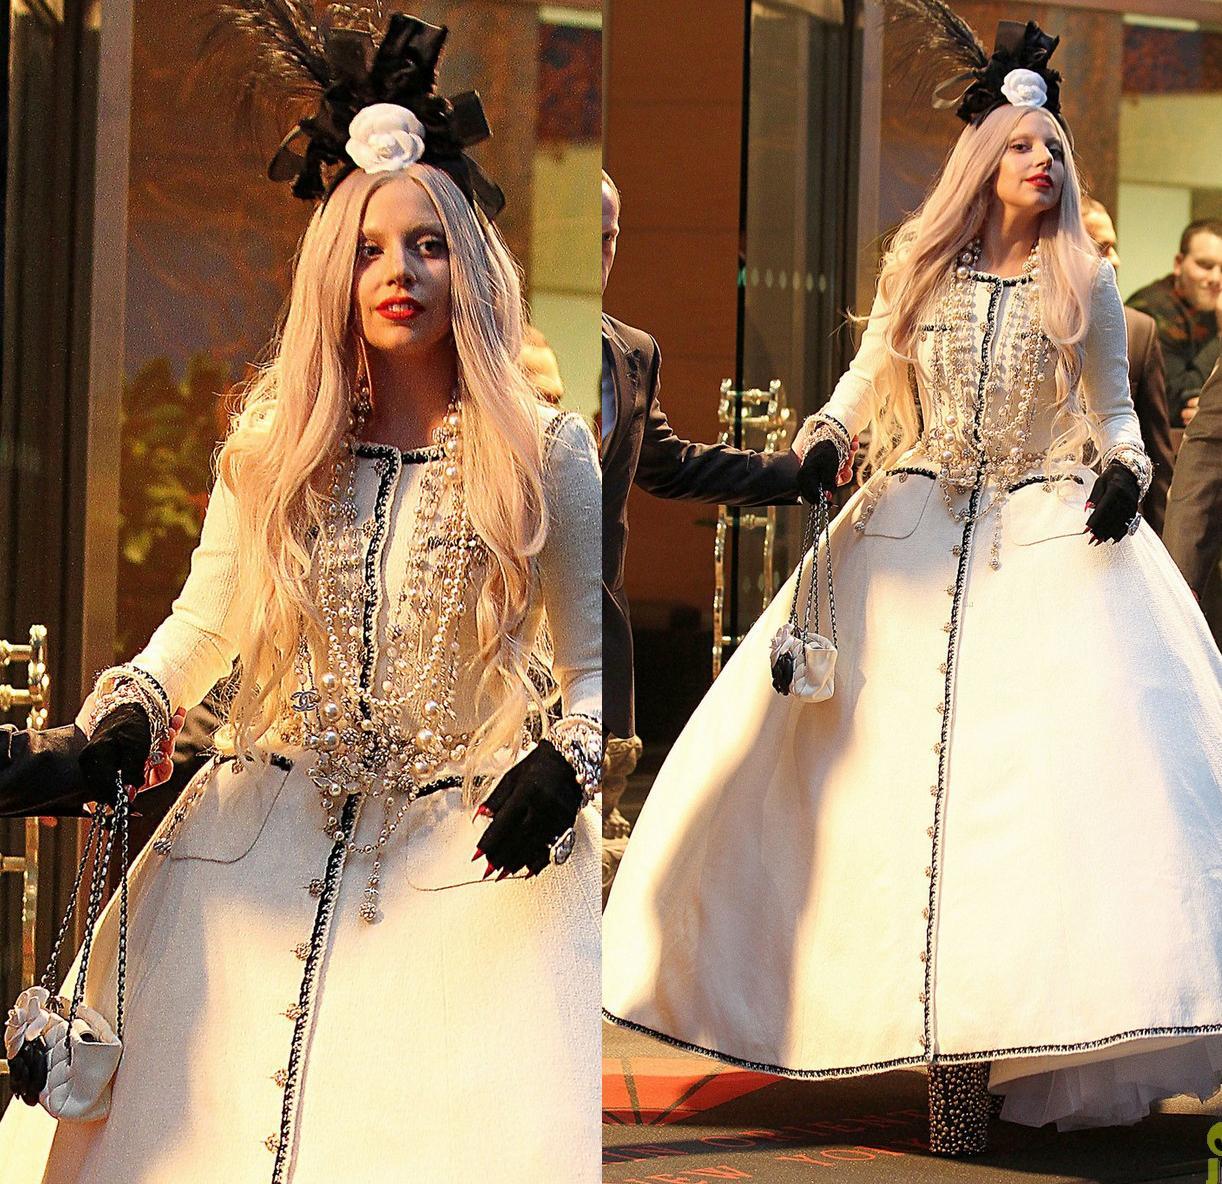 http://4.bp.blogspot.com/-D2QOTIQ_vjQ/Tsthu9OhLGI/AAAAAAAACz8/oDfBHUYdGso/s1600/lady-gaga-ballgown-nyc-03.jpg